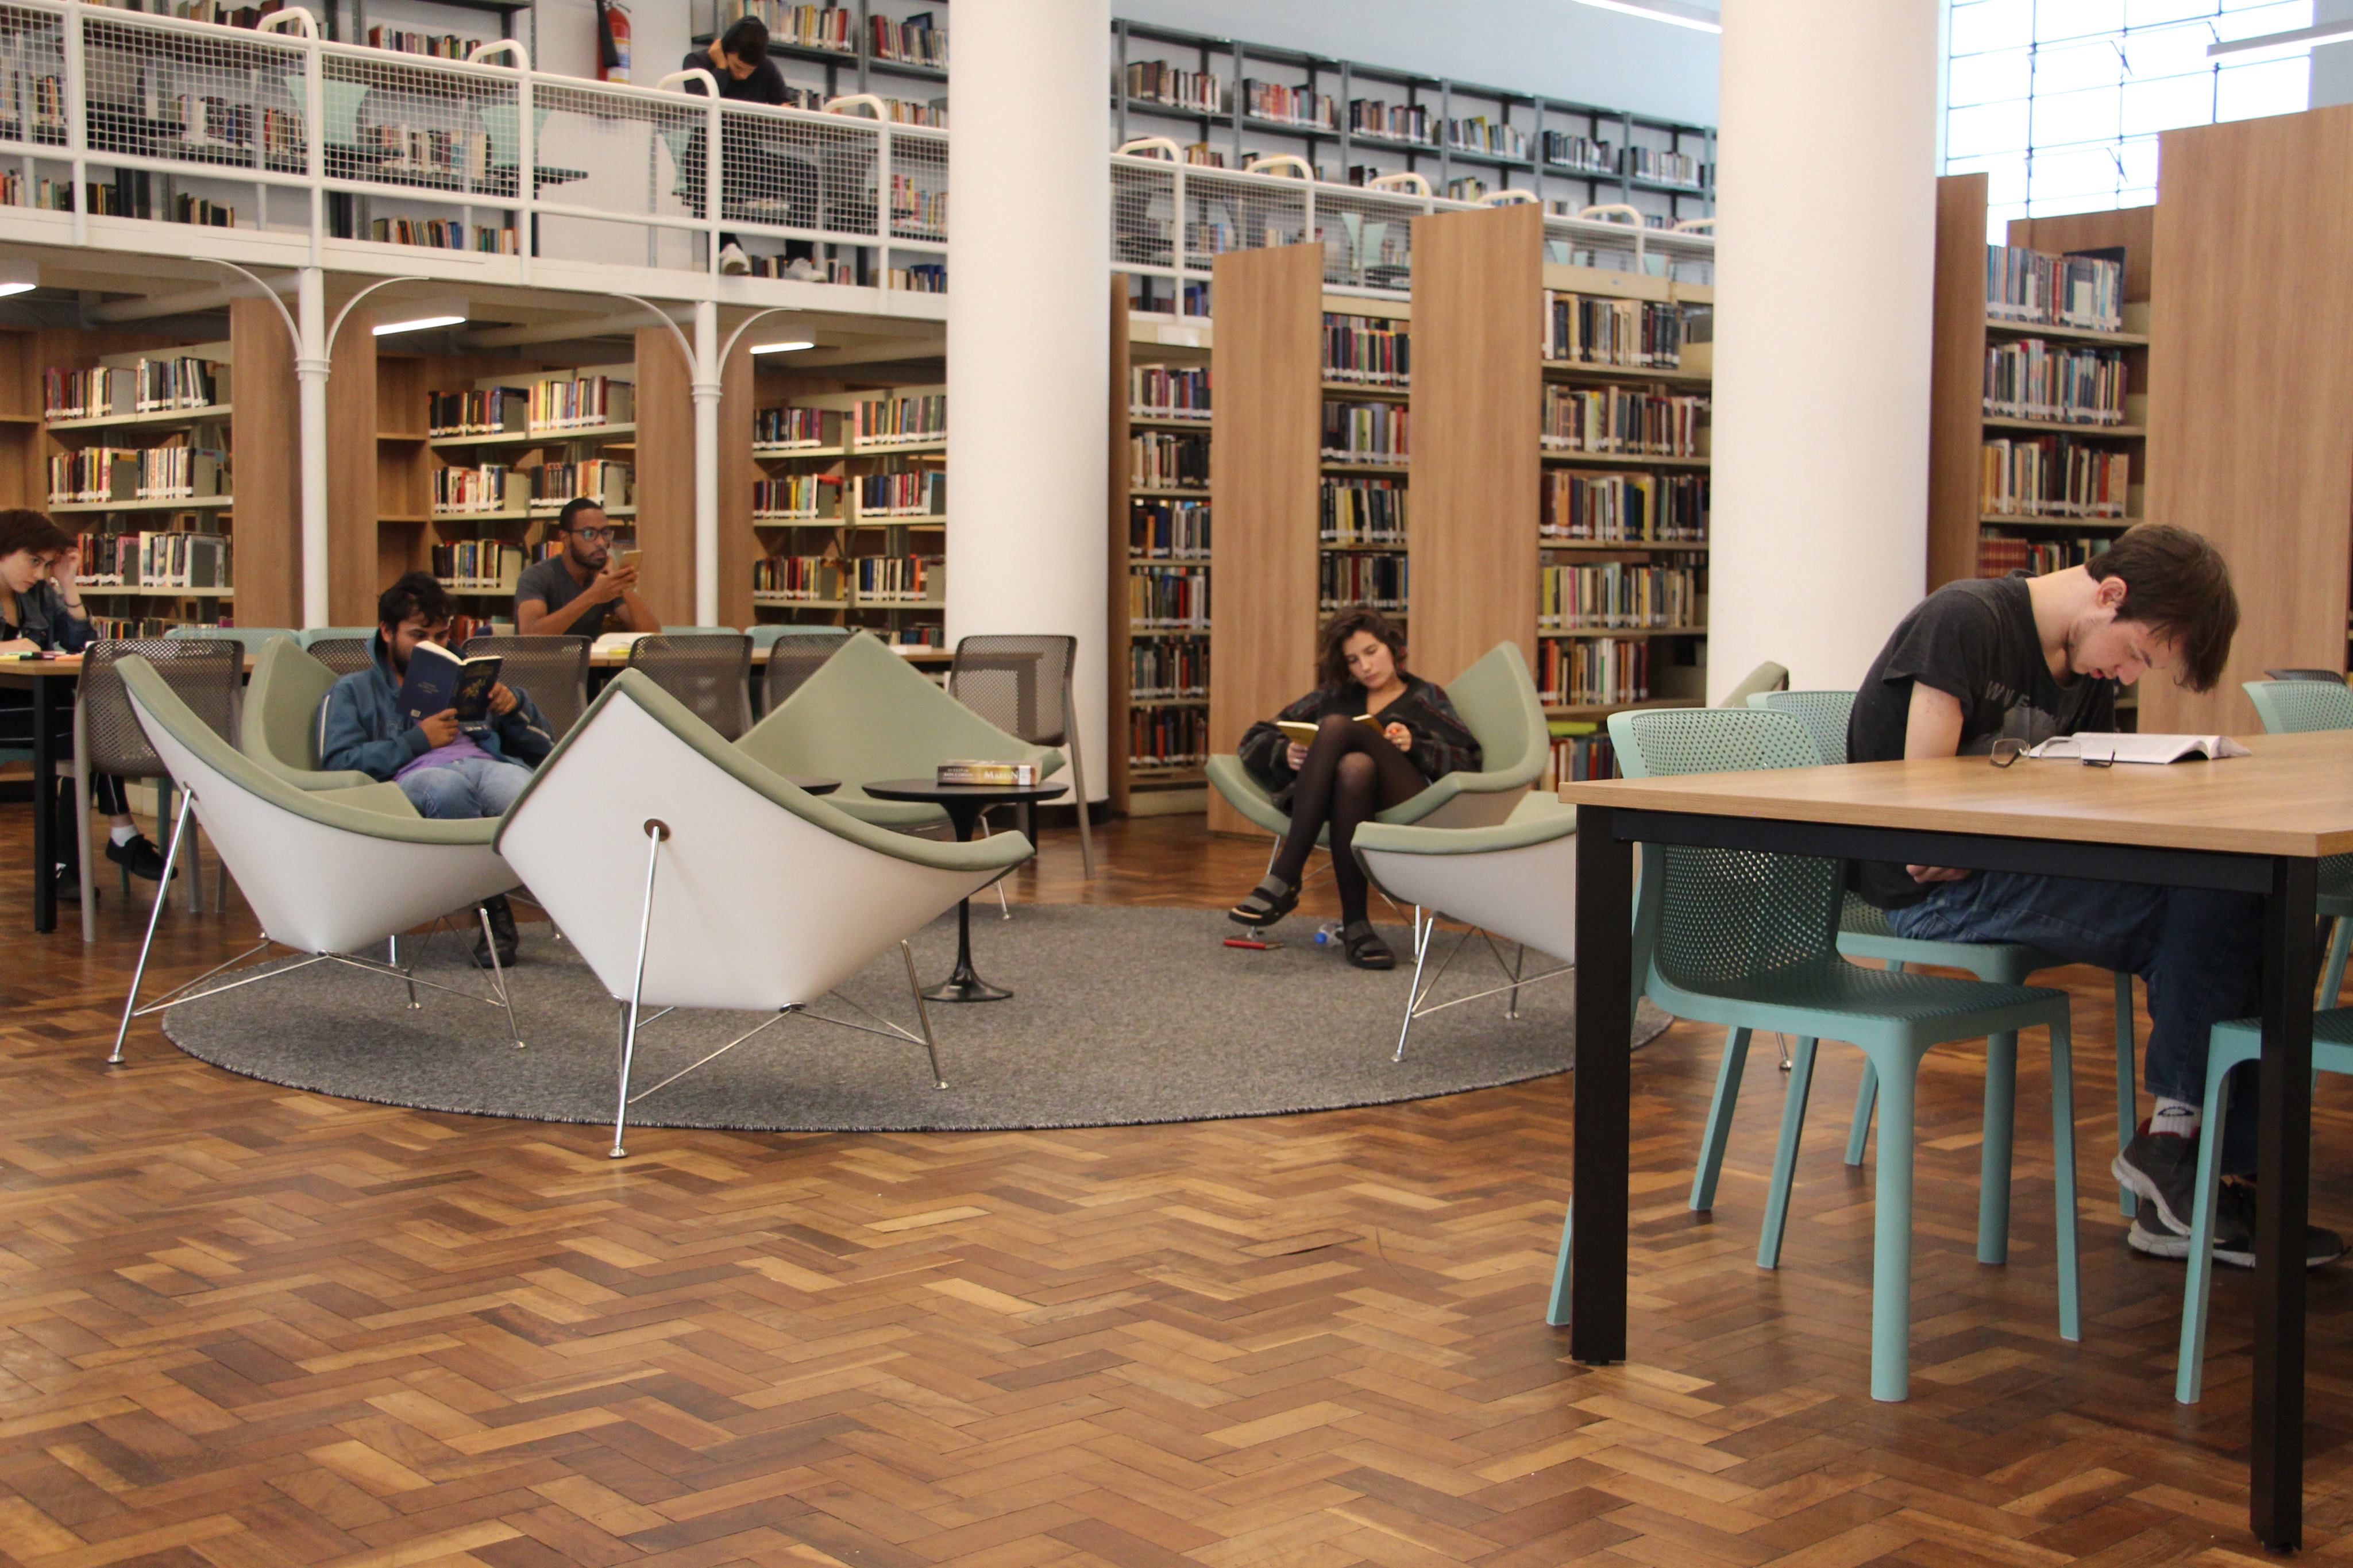 Com consulta digitalizada e Wi-Fi, Biblioteca Pública está na penúltima fase de modernização